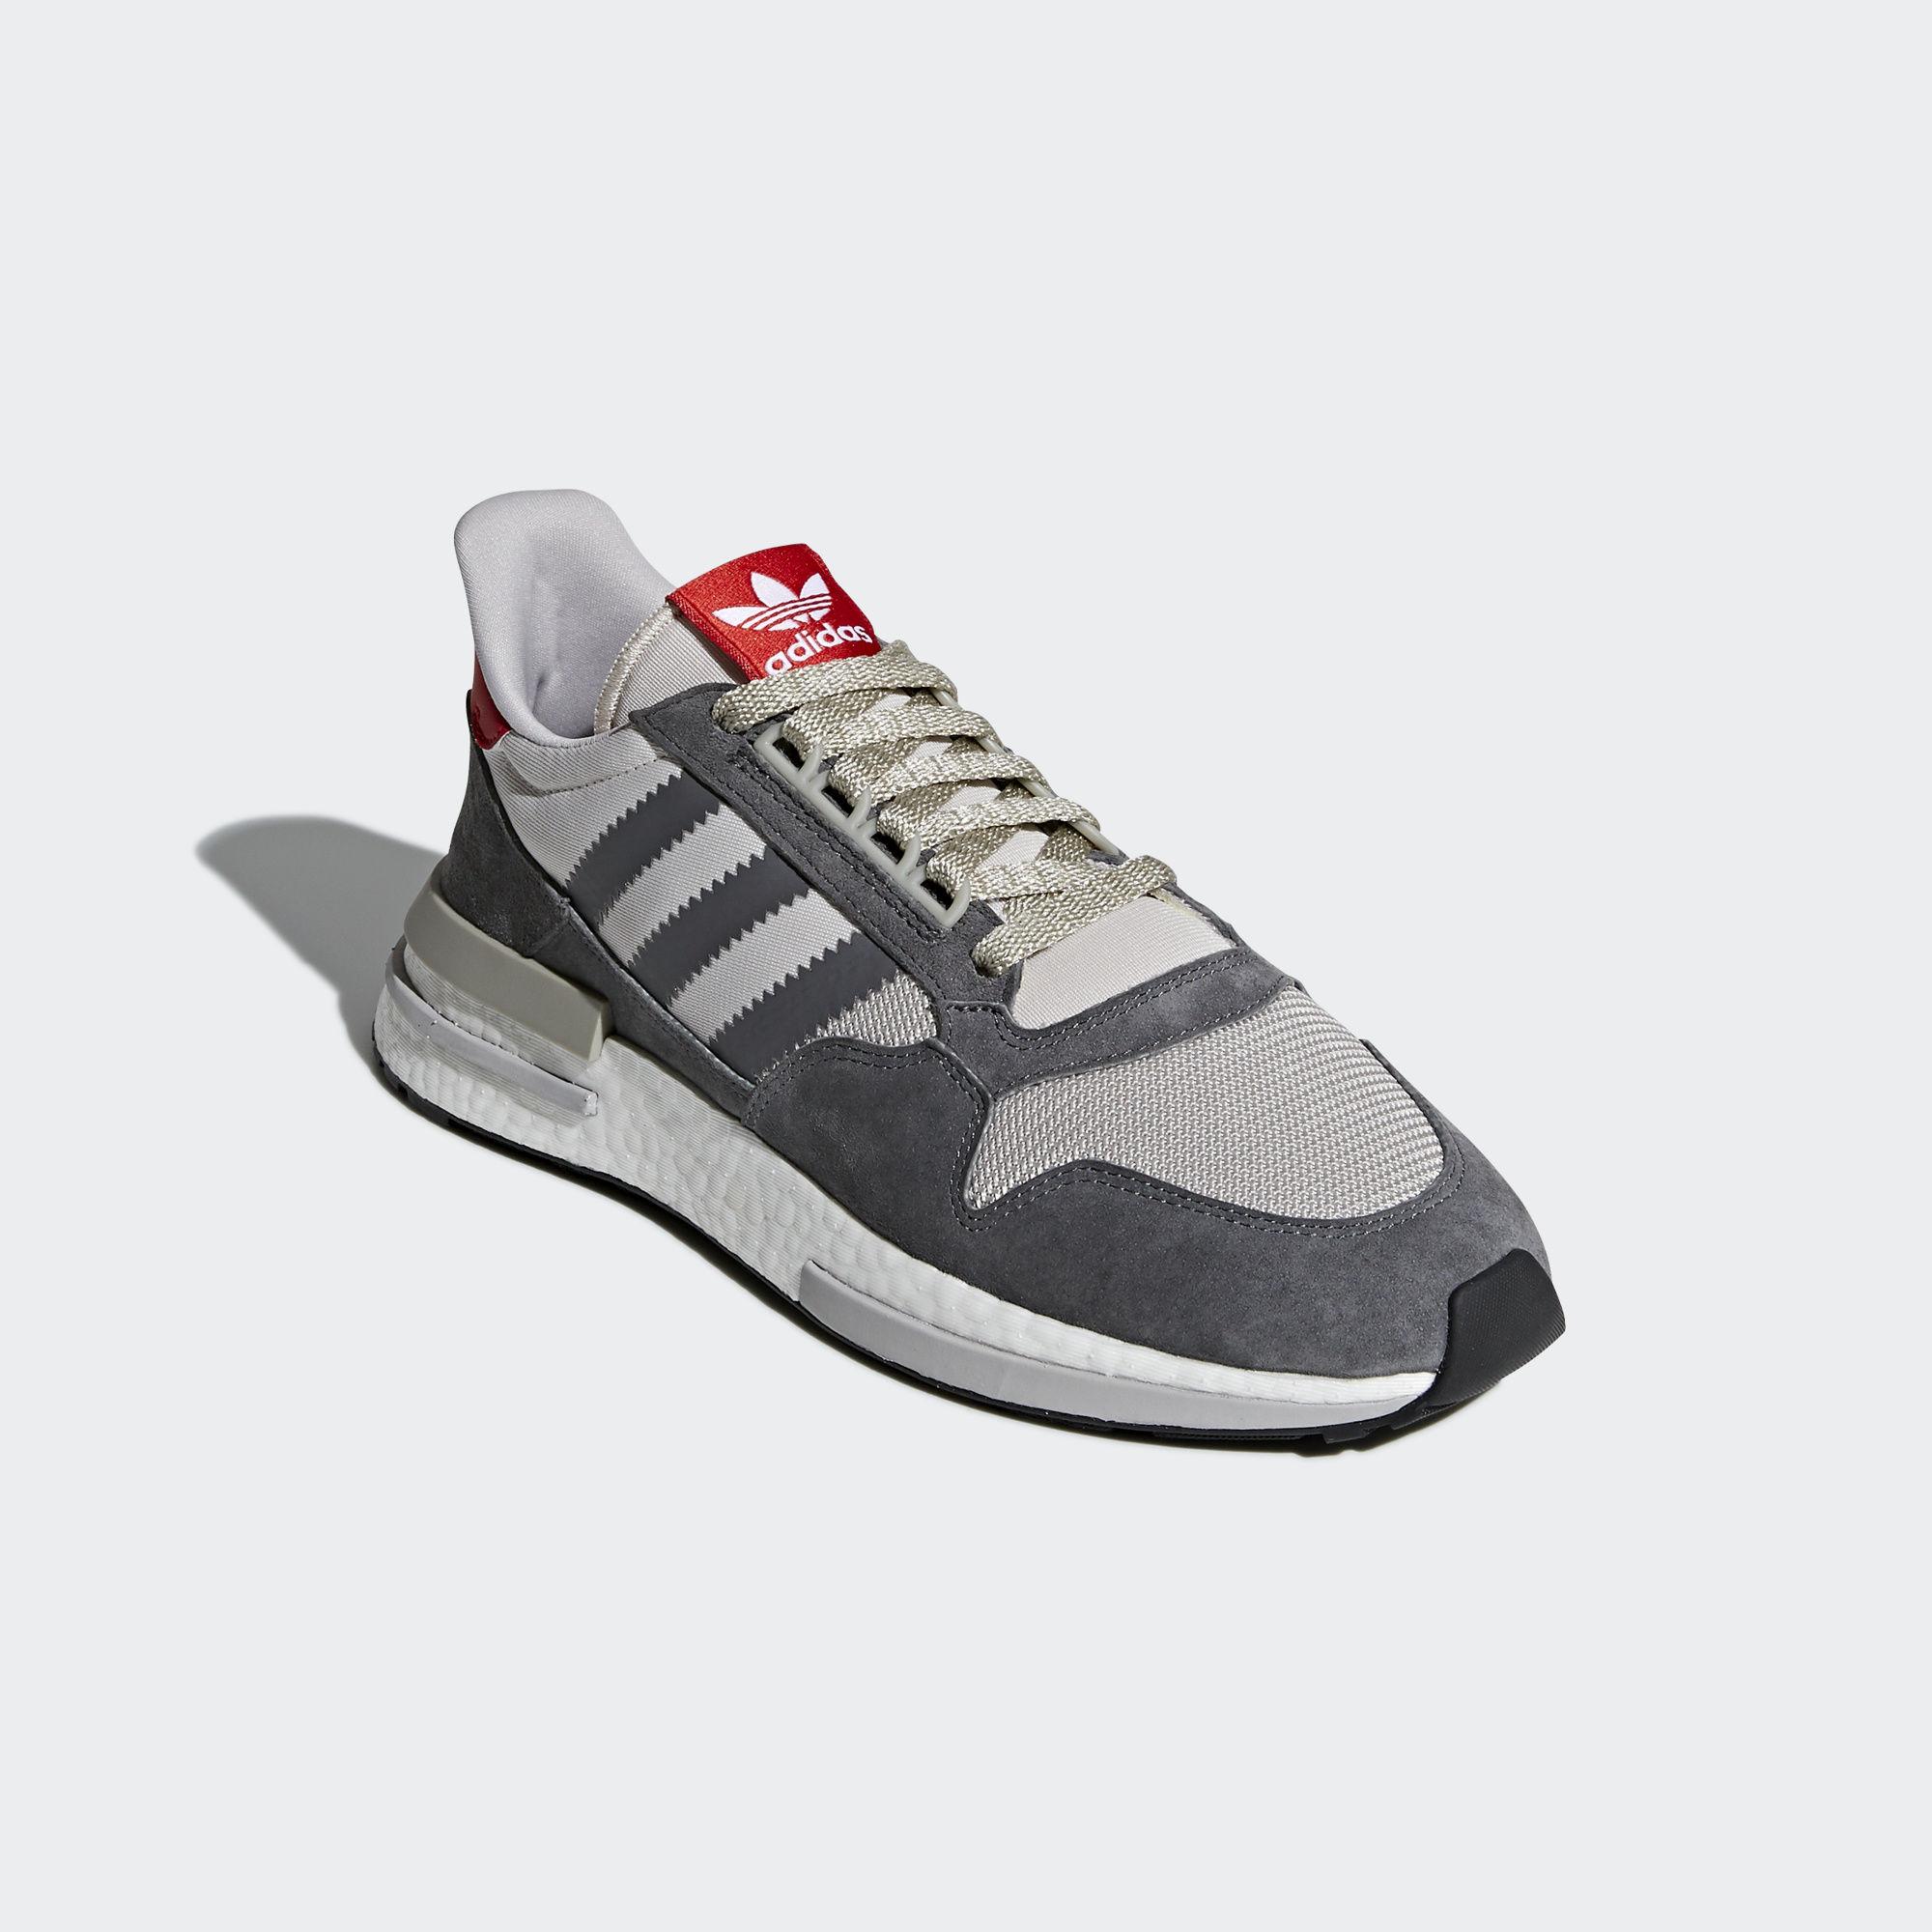 Adidas ZX 500 B42204